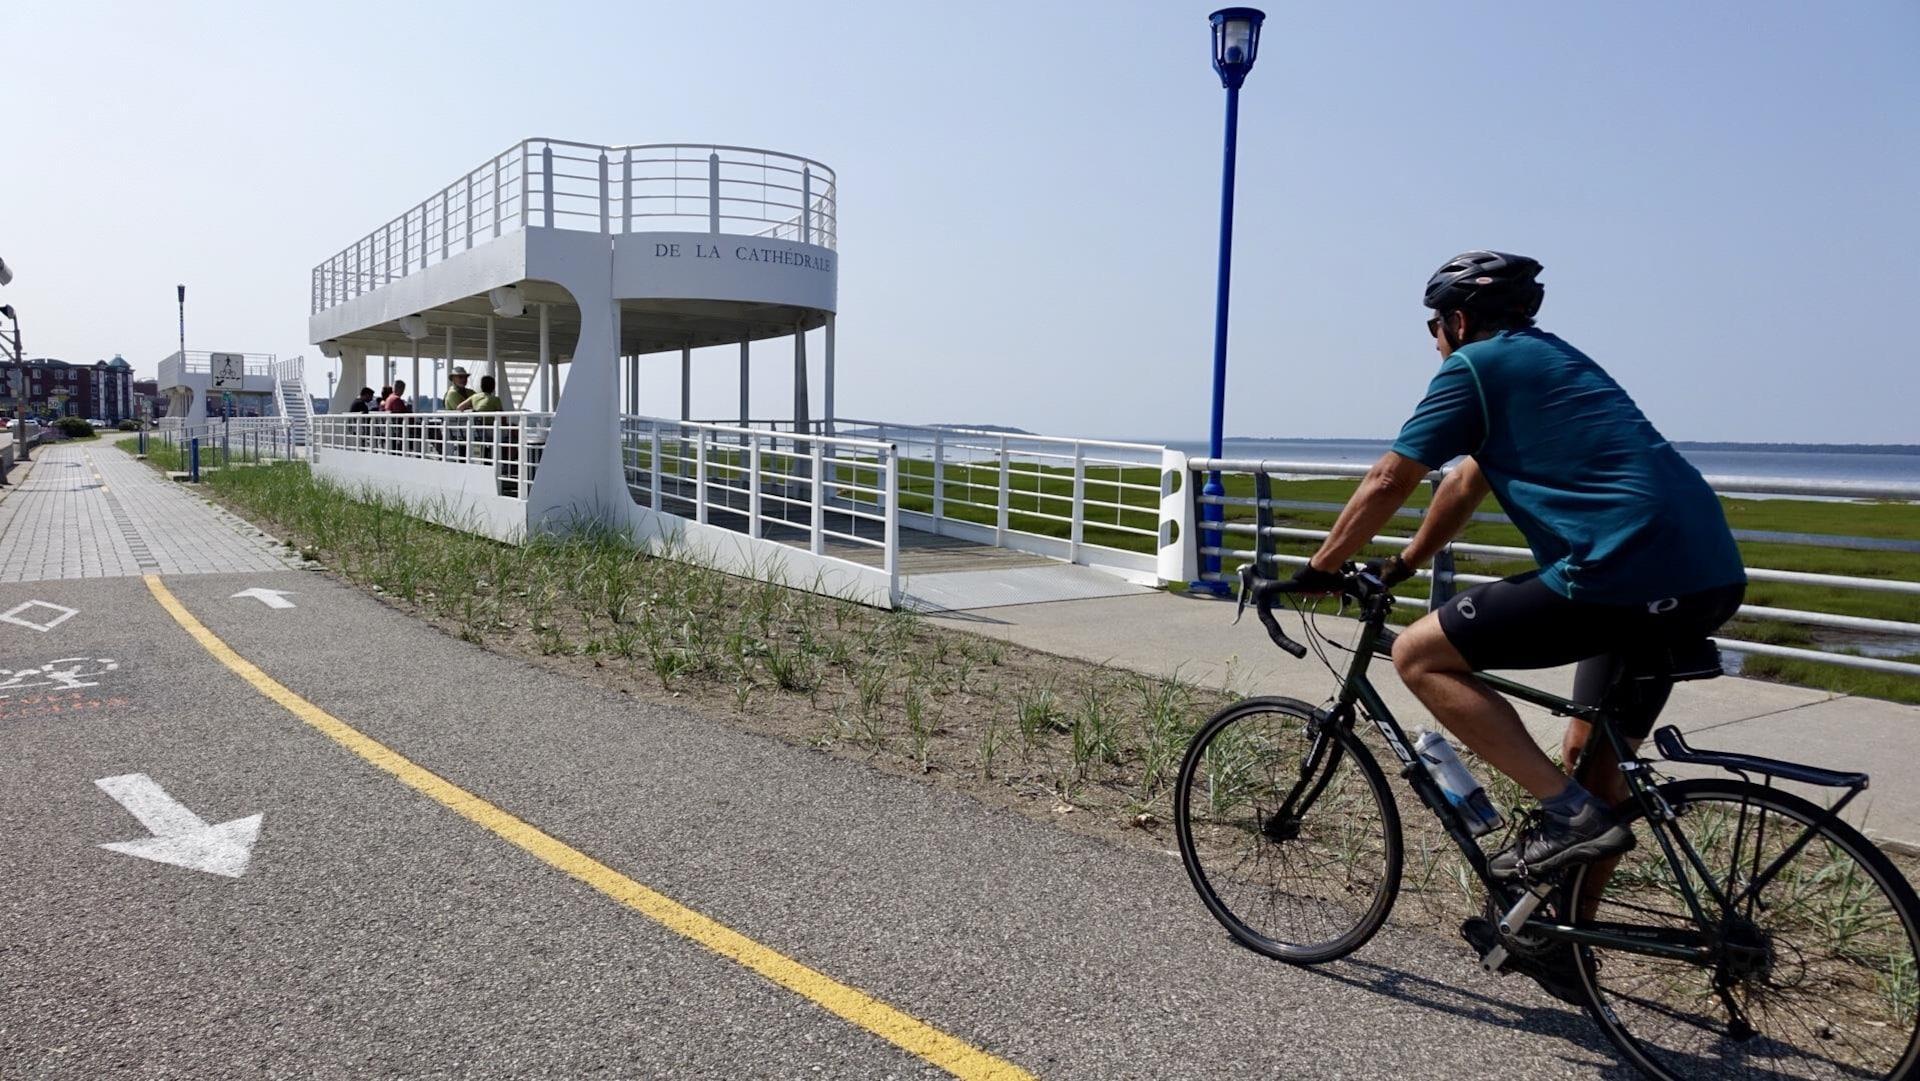 Un cycliste circule sur une piste cyclable à Rimouski.